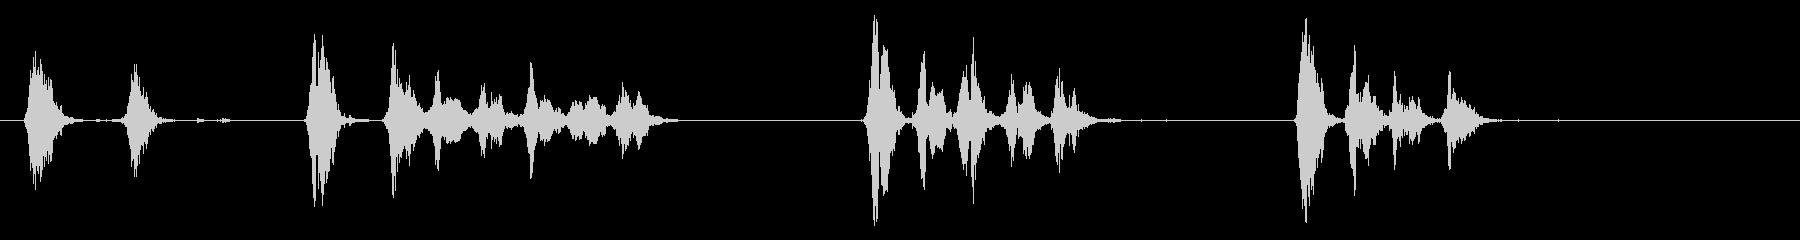 犬の大きなチェーンの動きをBarえるの未再生の波形